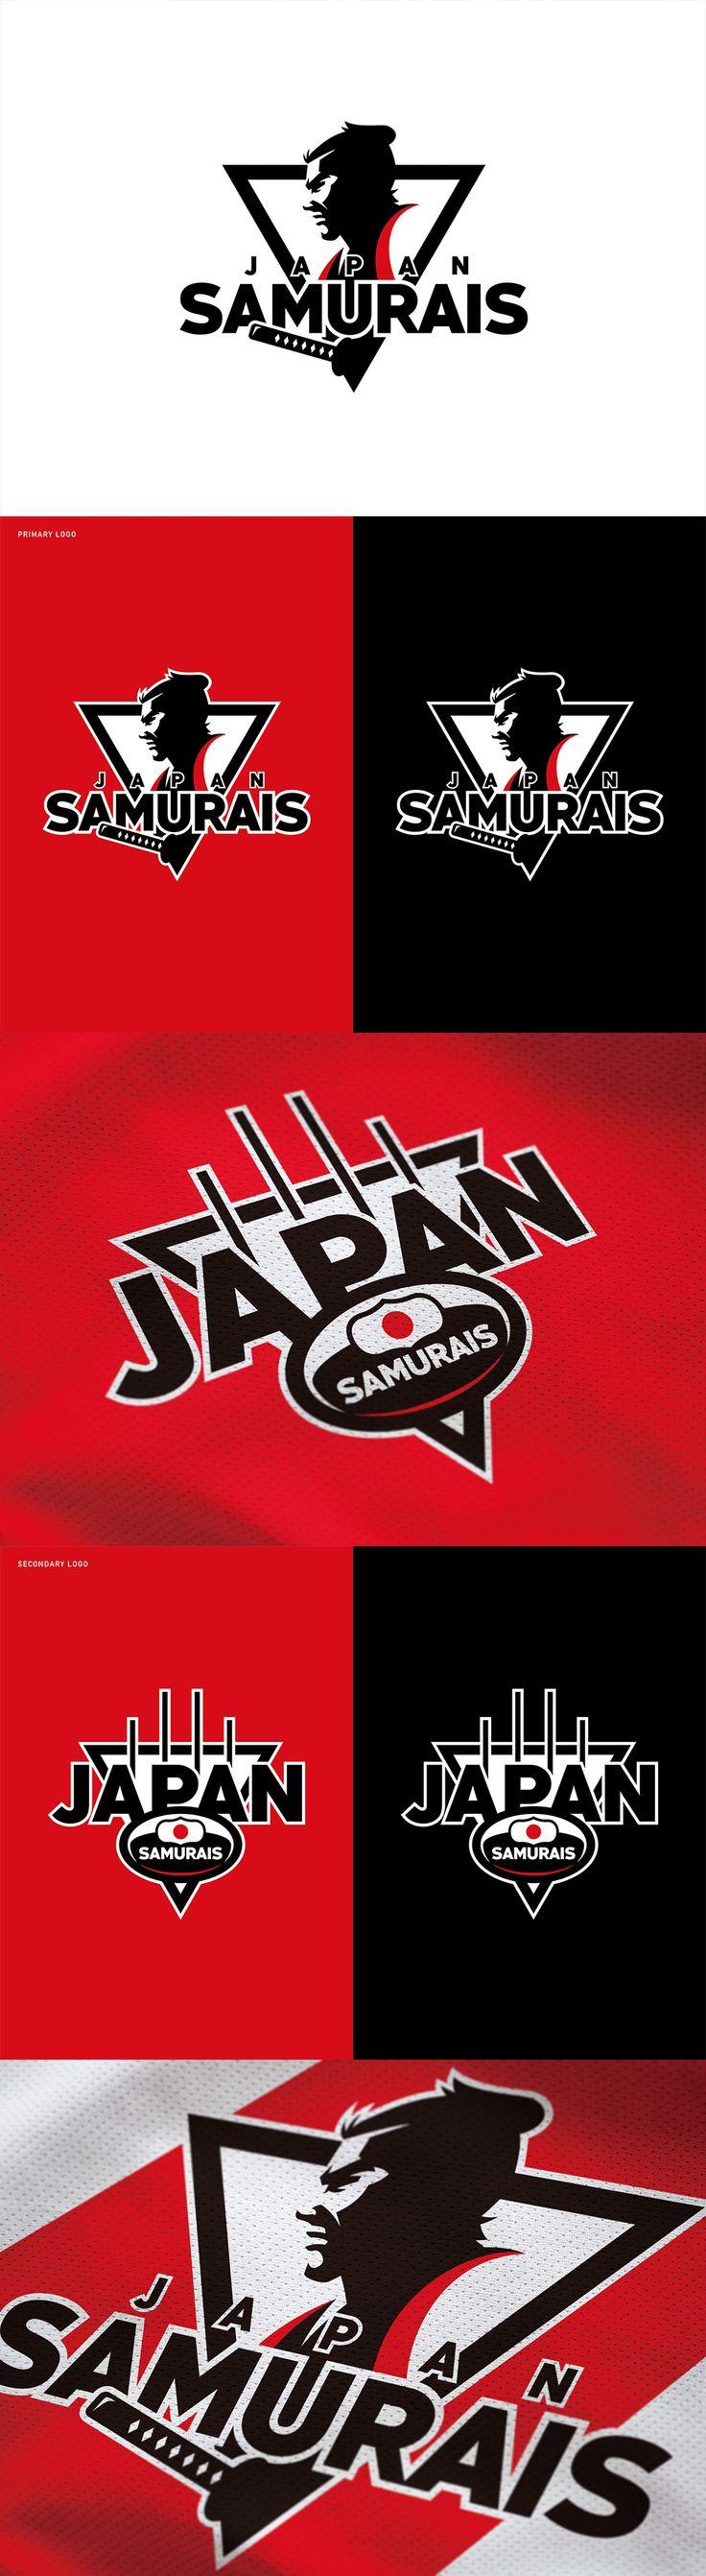 AFL Japan Samurais logo by Yu Masuda